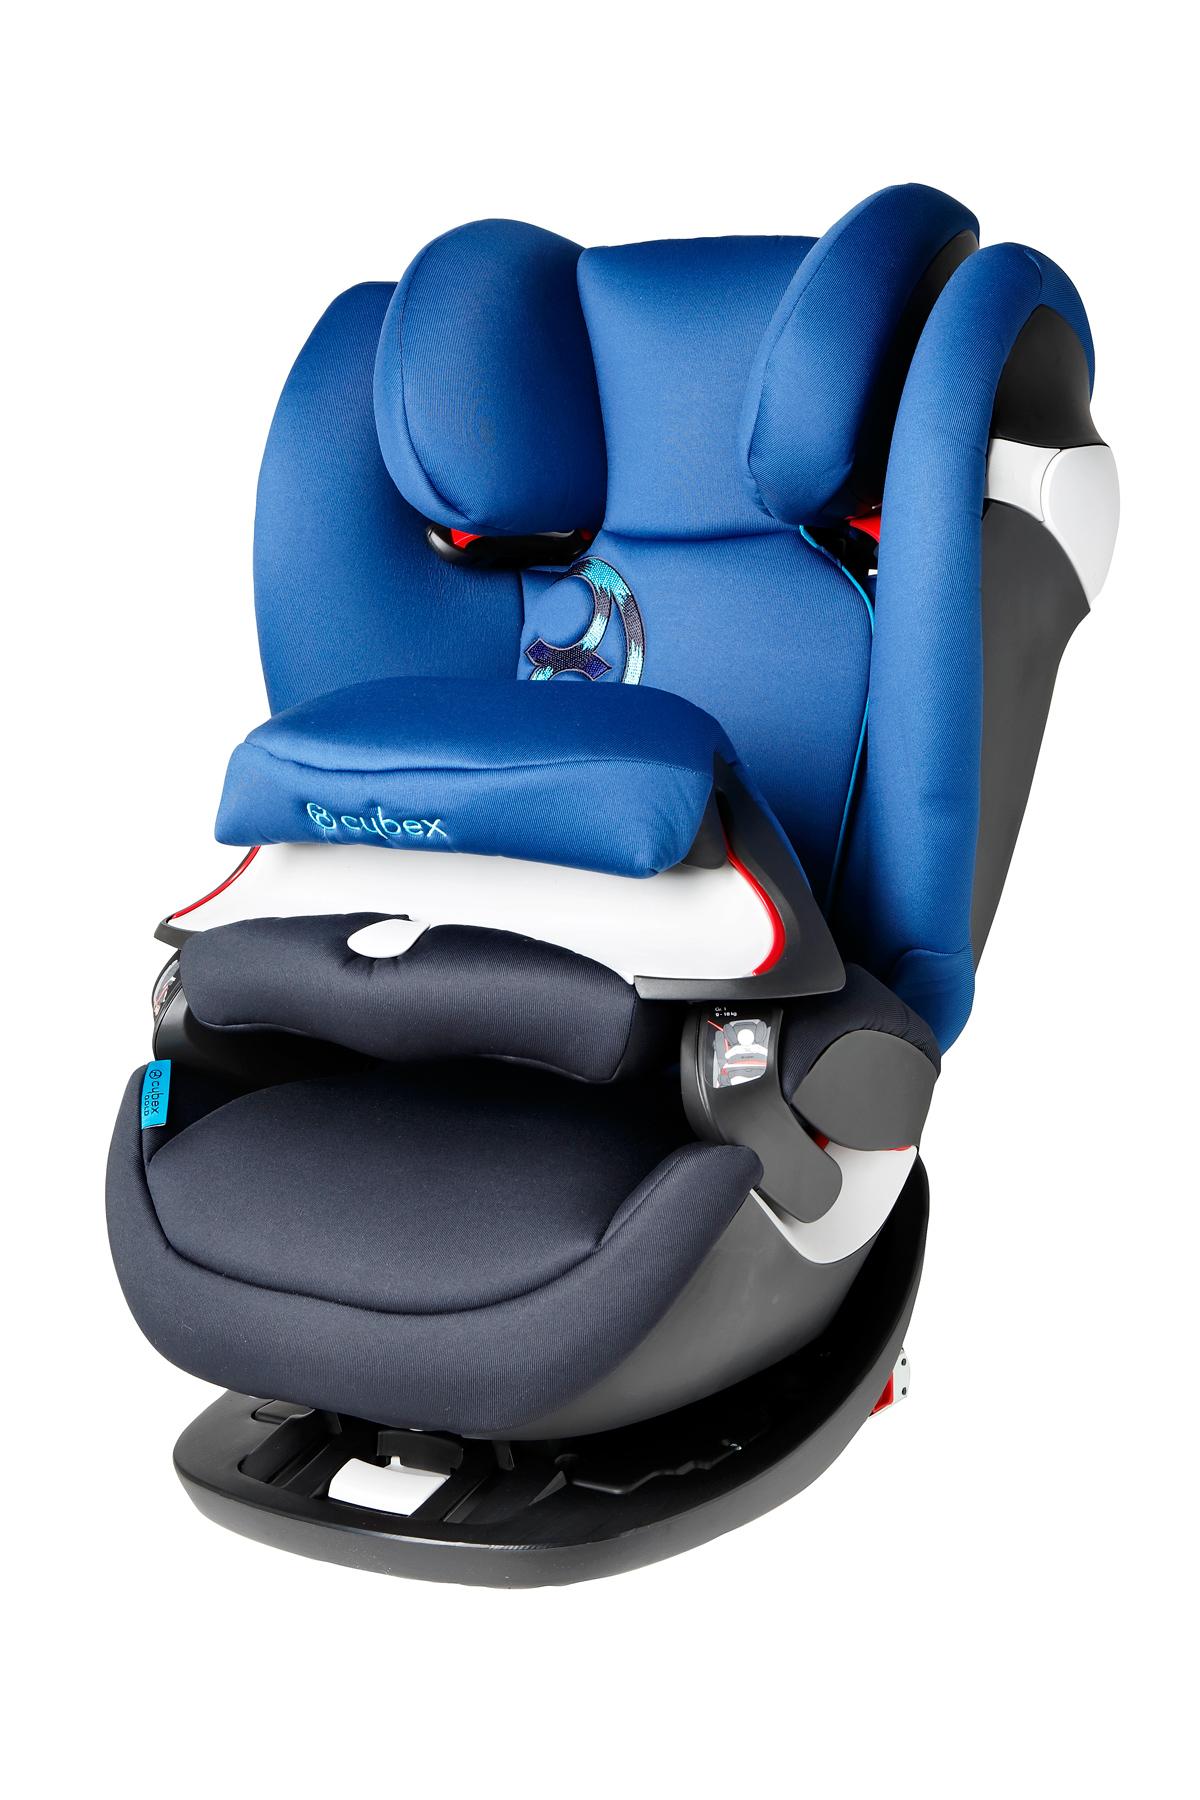 veiligheid van autostoeltjes met vangtafel consumentenbond. Black Bedroom Furniture Sets. Home Design Ideas